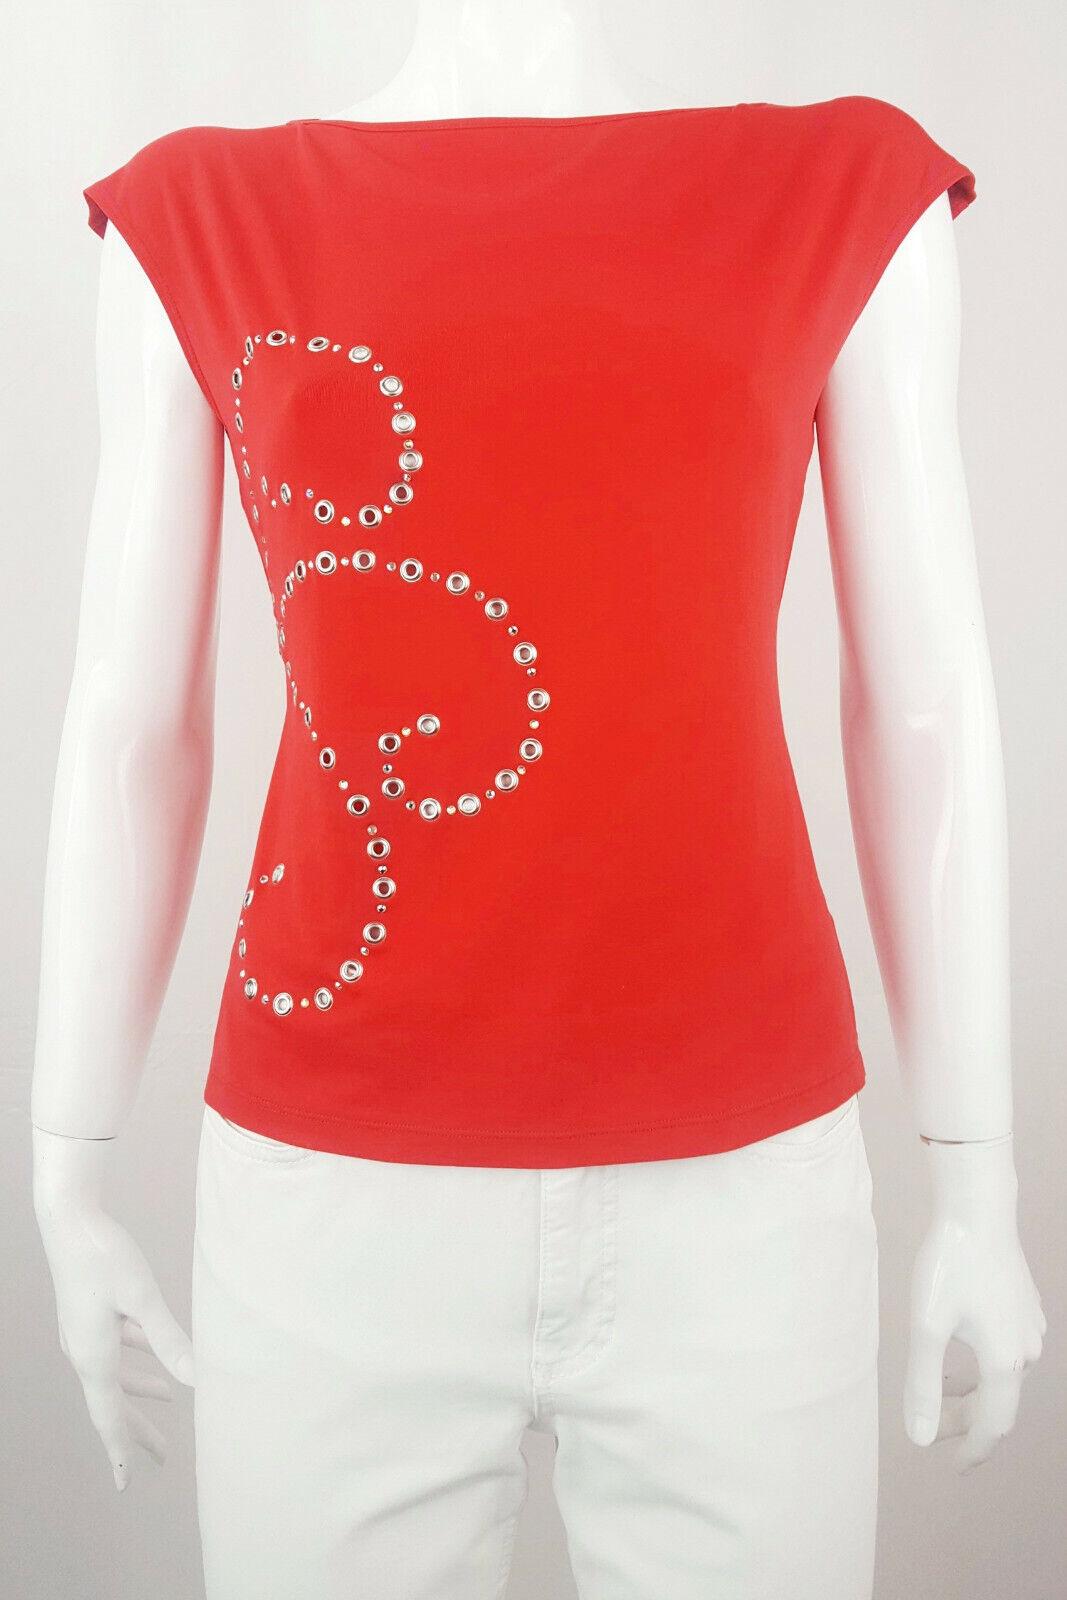 VERSACE JEANS COUTURE damen Short Cap Sleeve T Shirt Top Ittierre rot XL